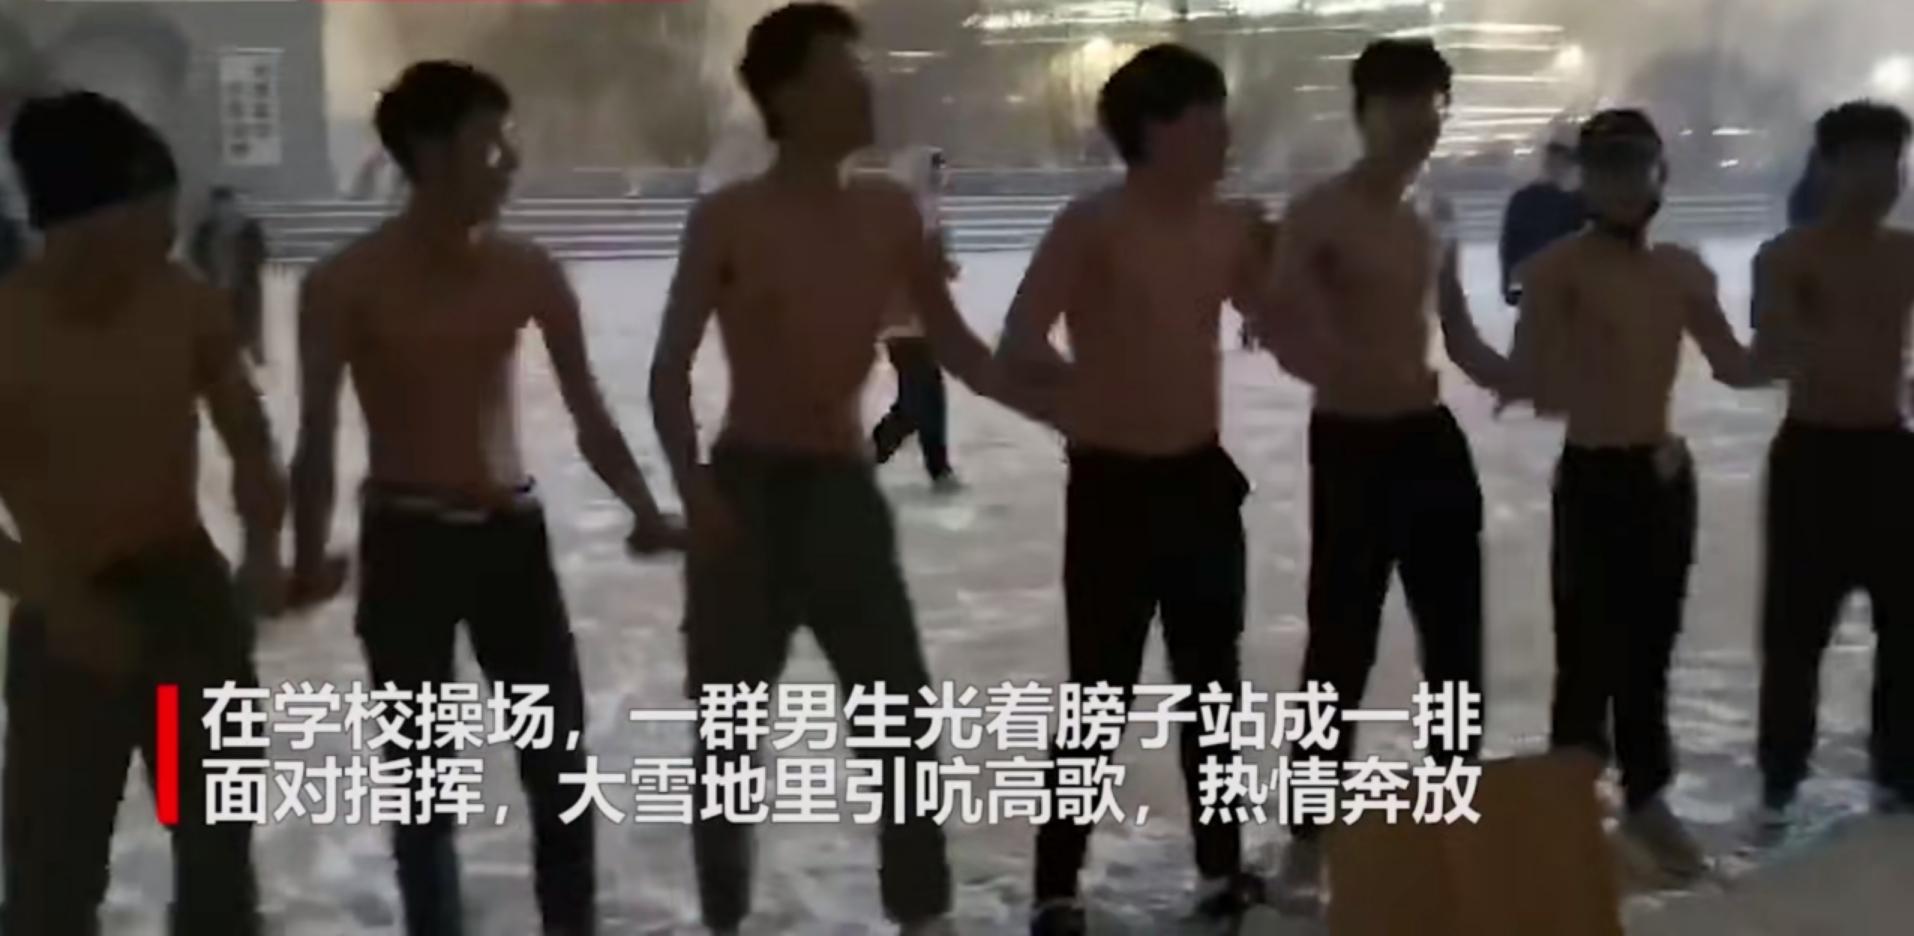 特马博彩业,小情侣闹矛盾在家点燃纸巾引发火灾 警方:拘留!